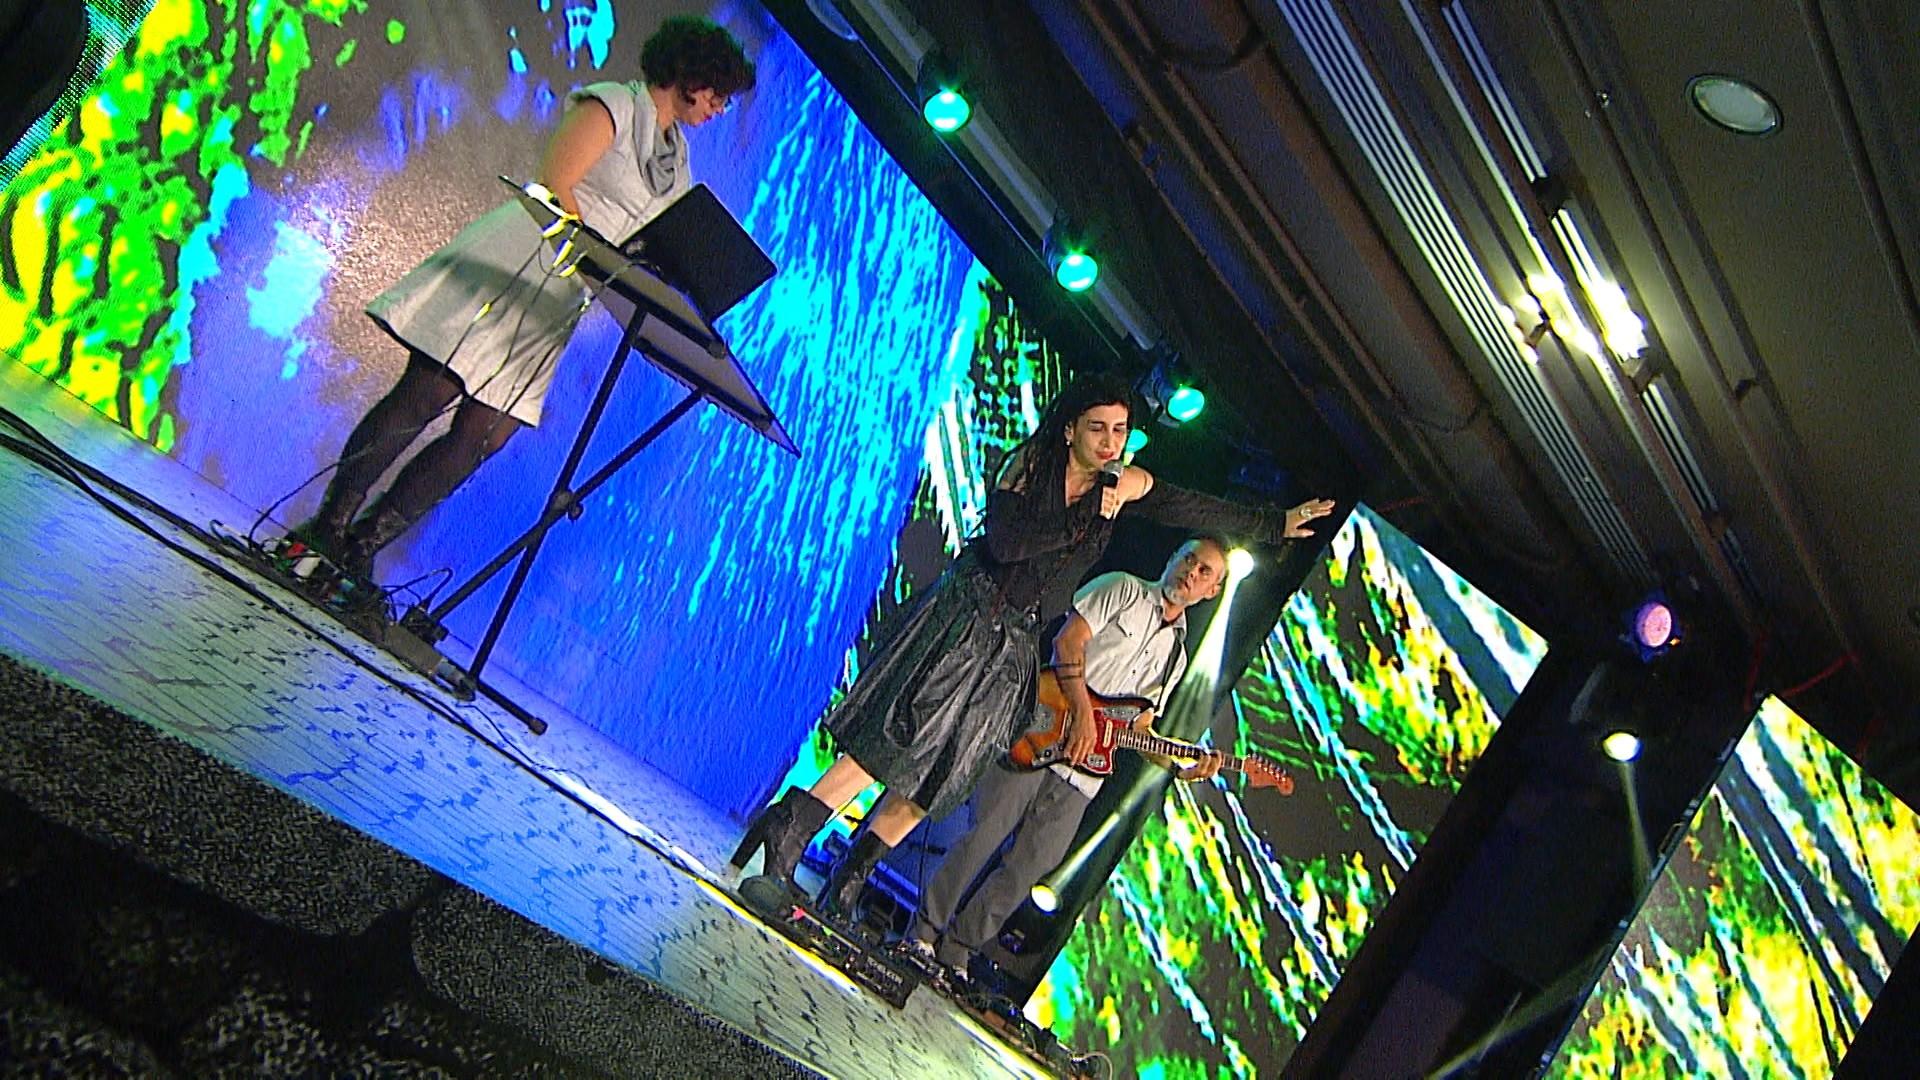 Aprovado estreia quadro musical ao som da Tropicália, com interpretação de Rebeca Matta (Foto: Divulgação)